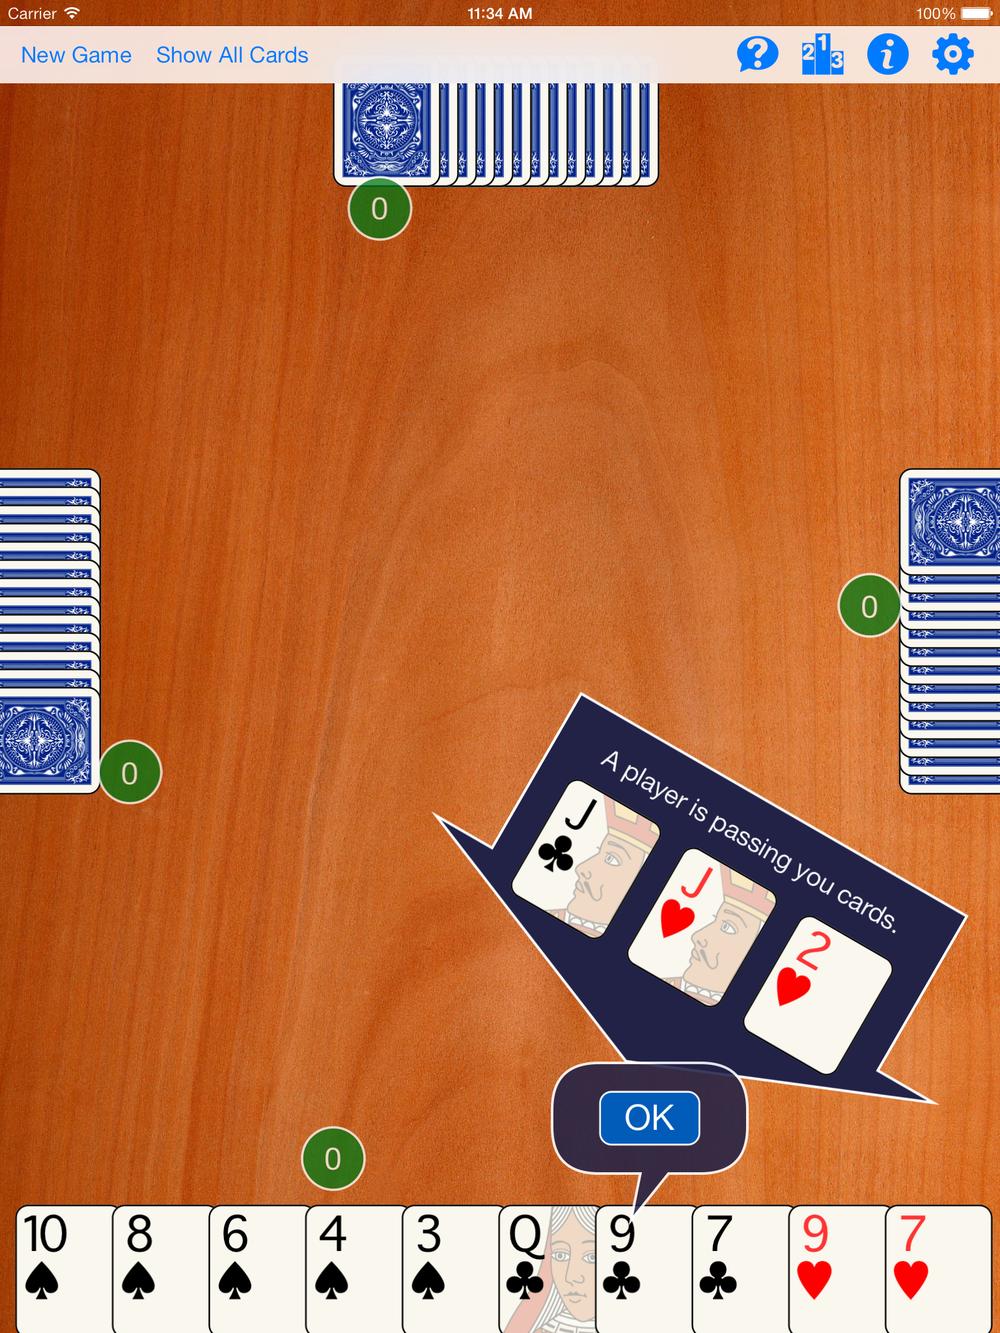 iOS Simulator Screen shot Sep 17, 2013 11.34.37 AM.png